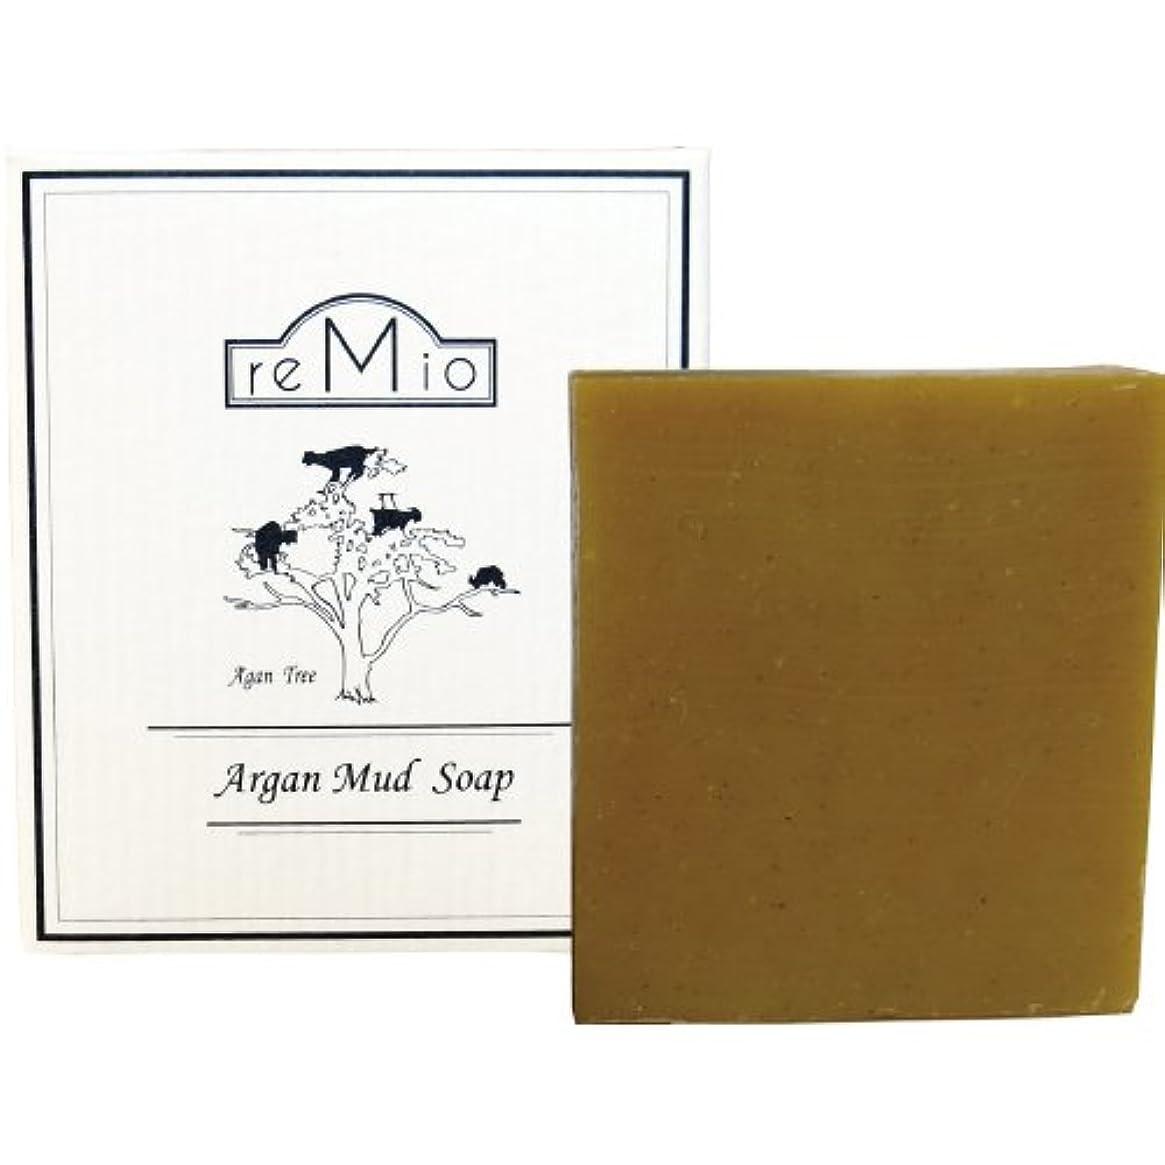 病なキャラバンレイアウトレミオ(REMIO) アルガンクレイ石鹸